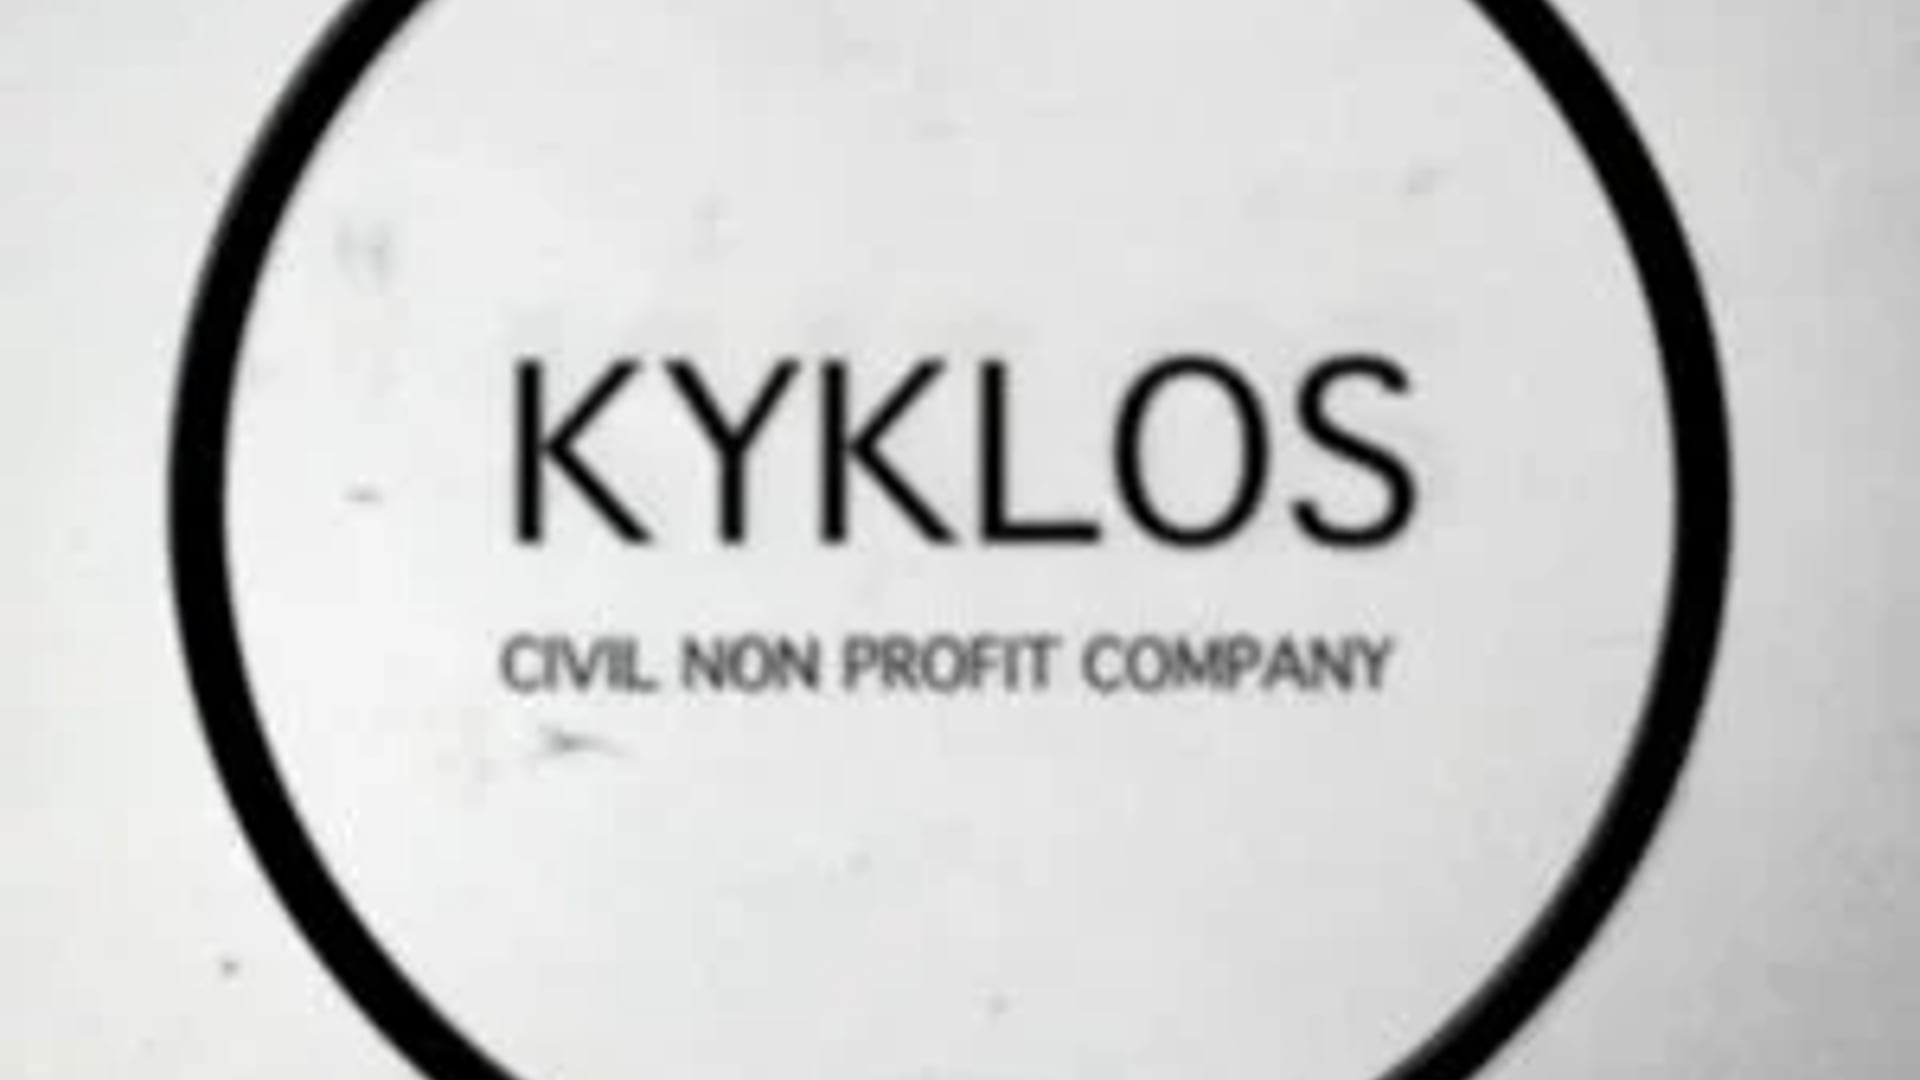 Kyklos nonprofit